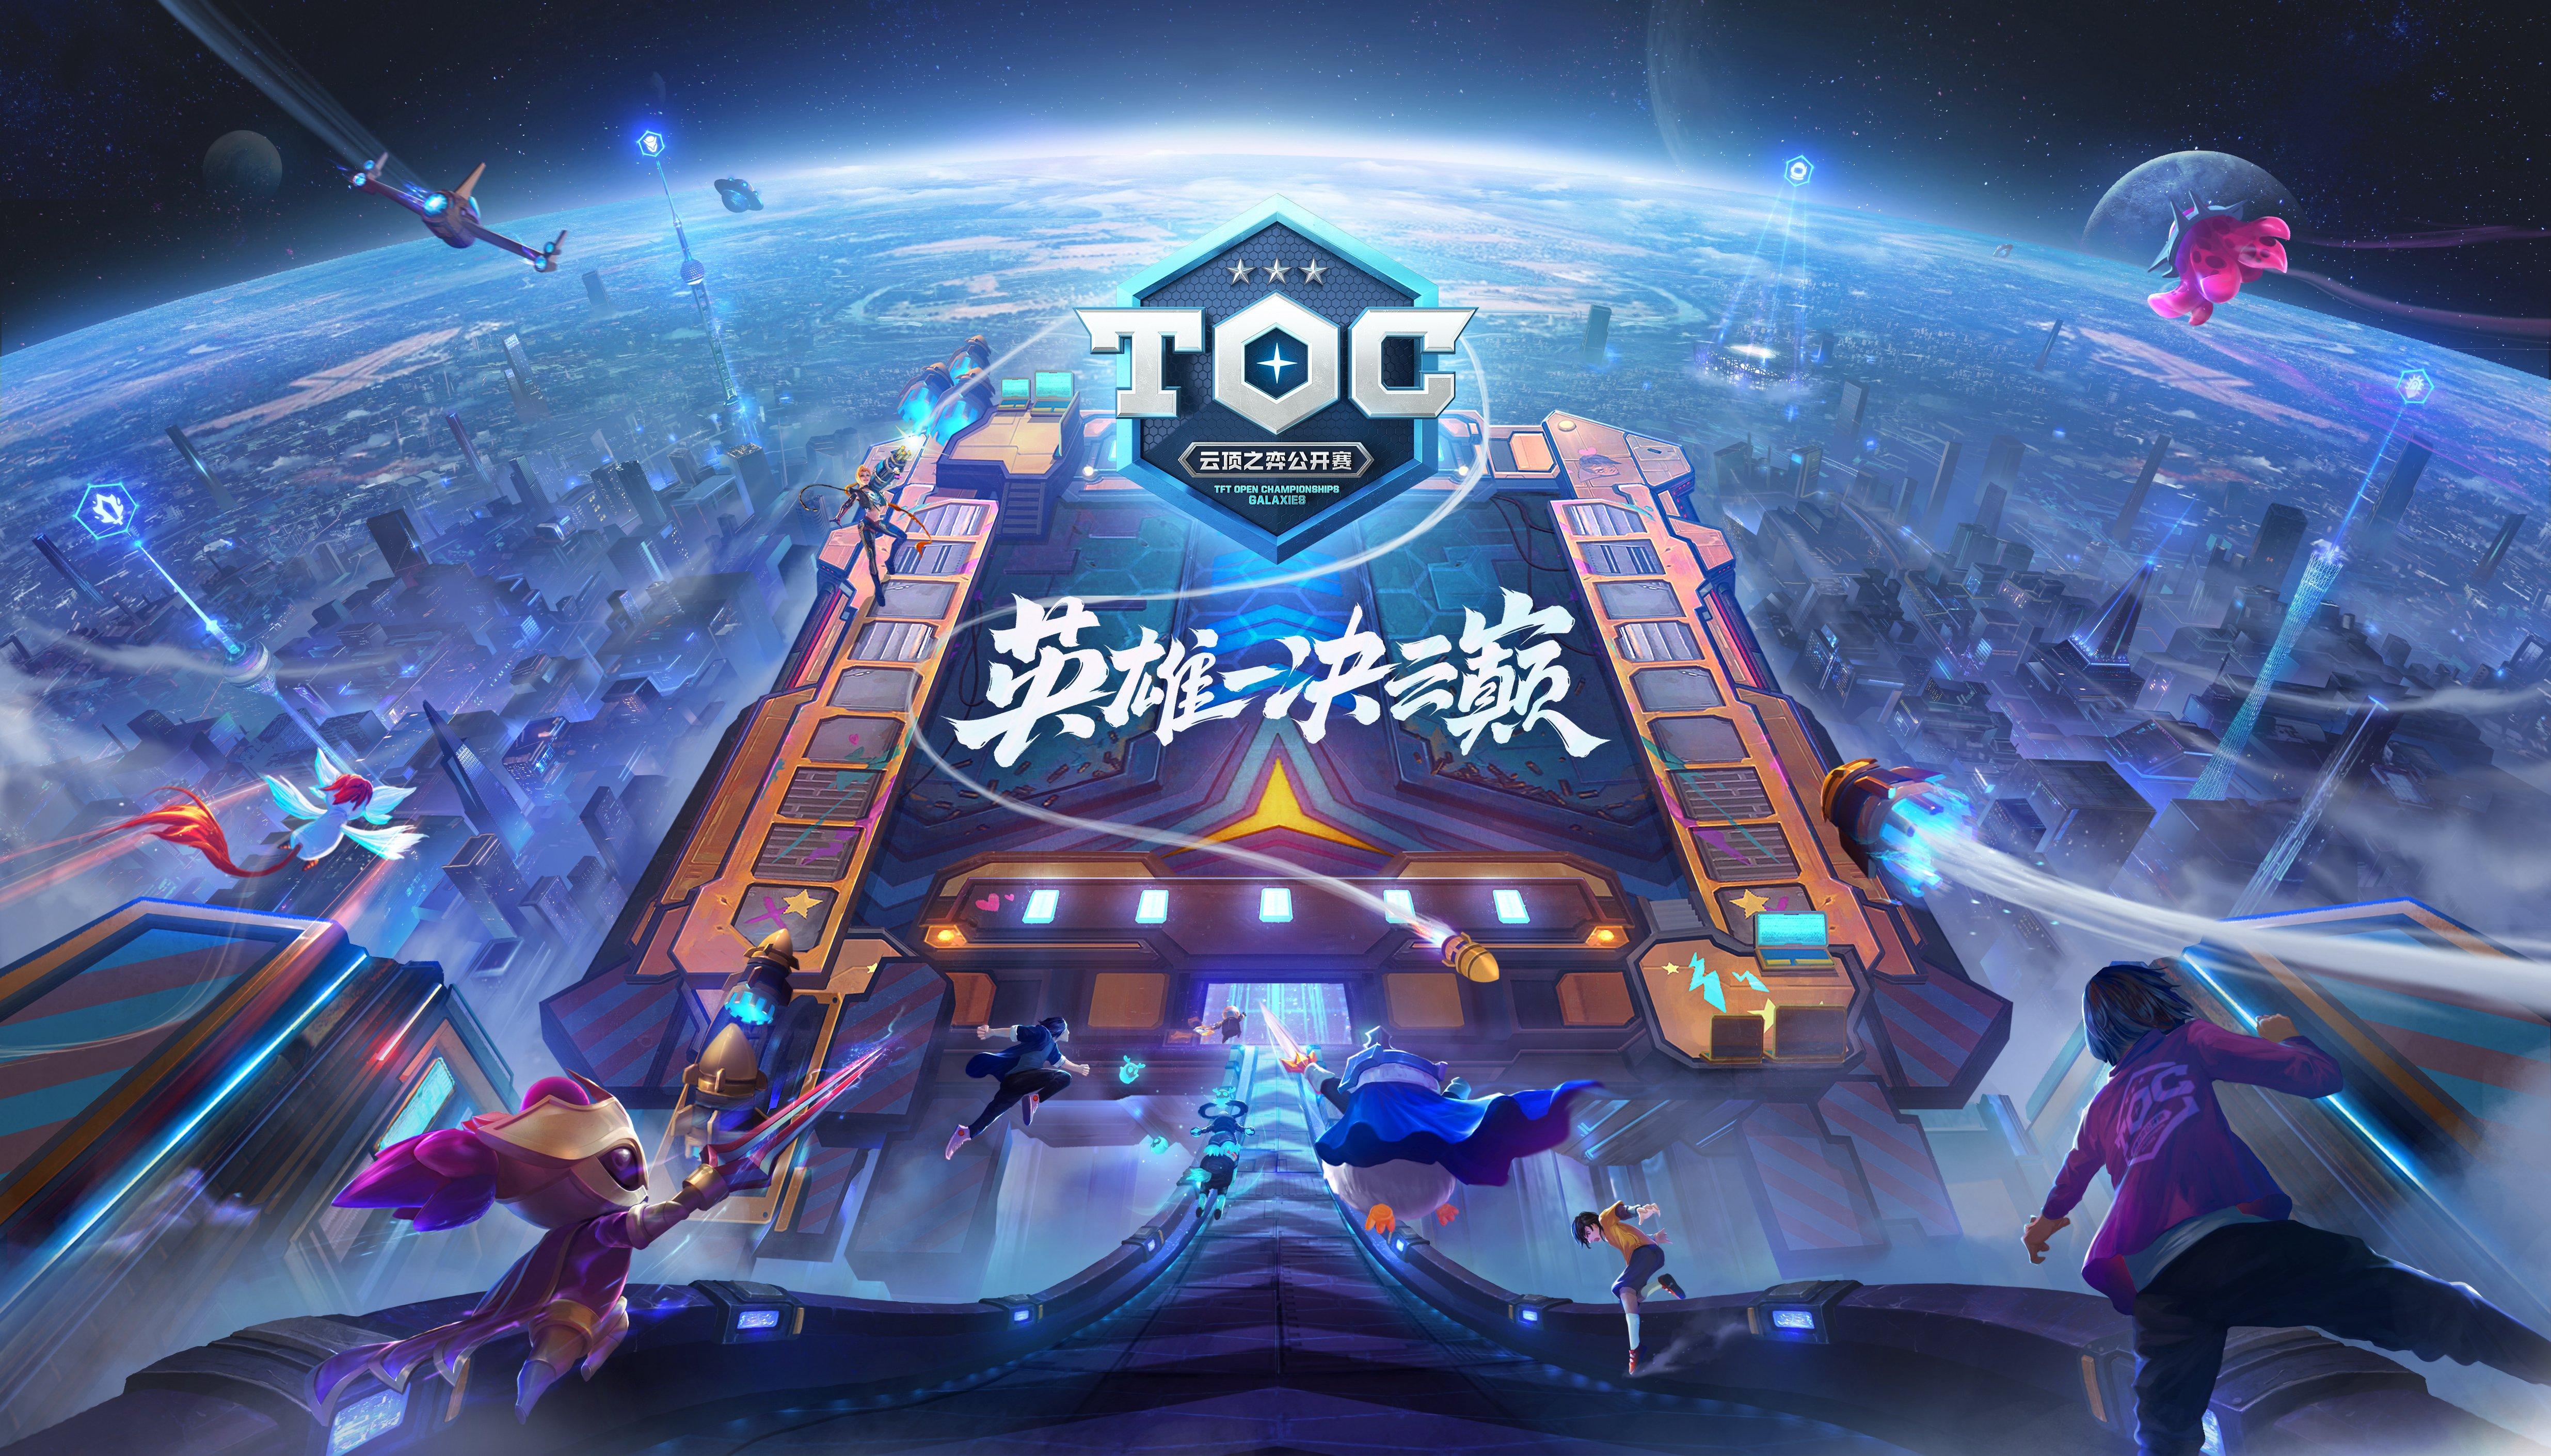 云顶之弈公开赛7月正式开赛:不设参赛门槛,面向大众